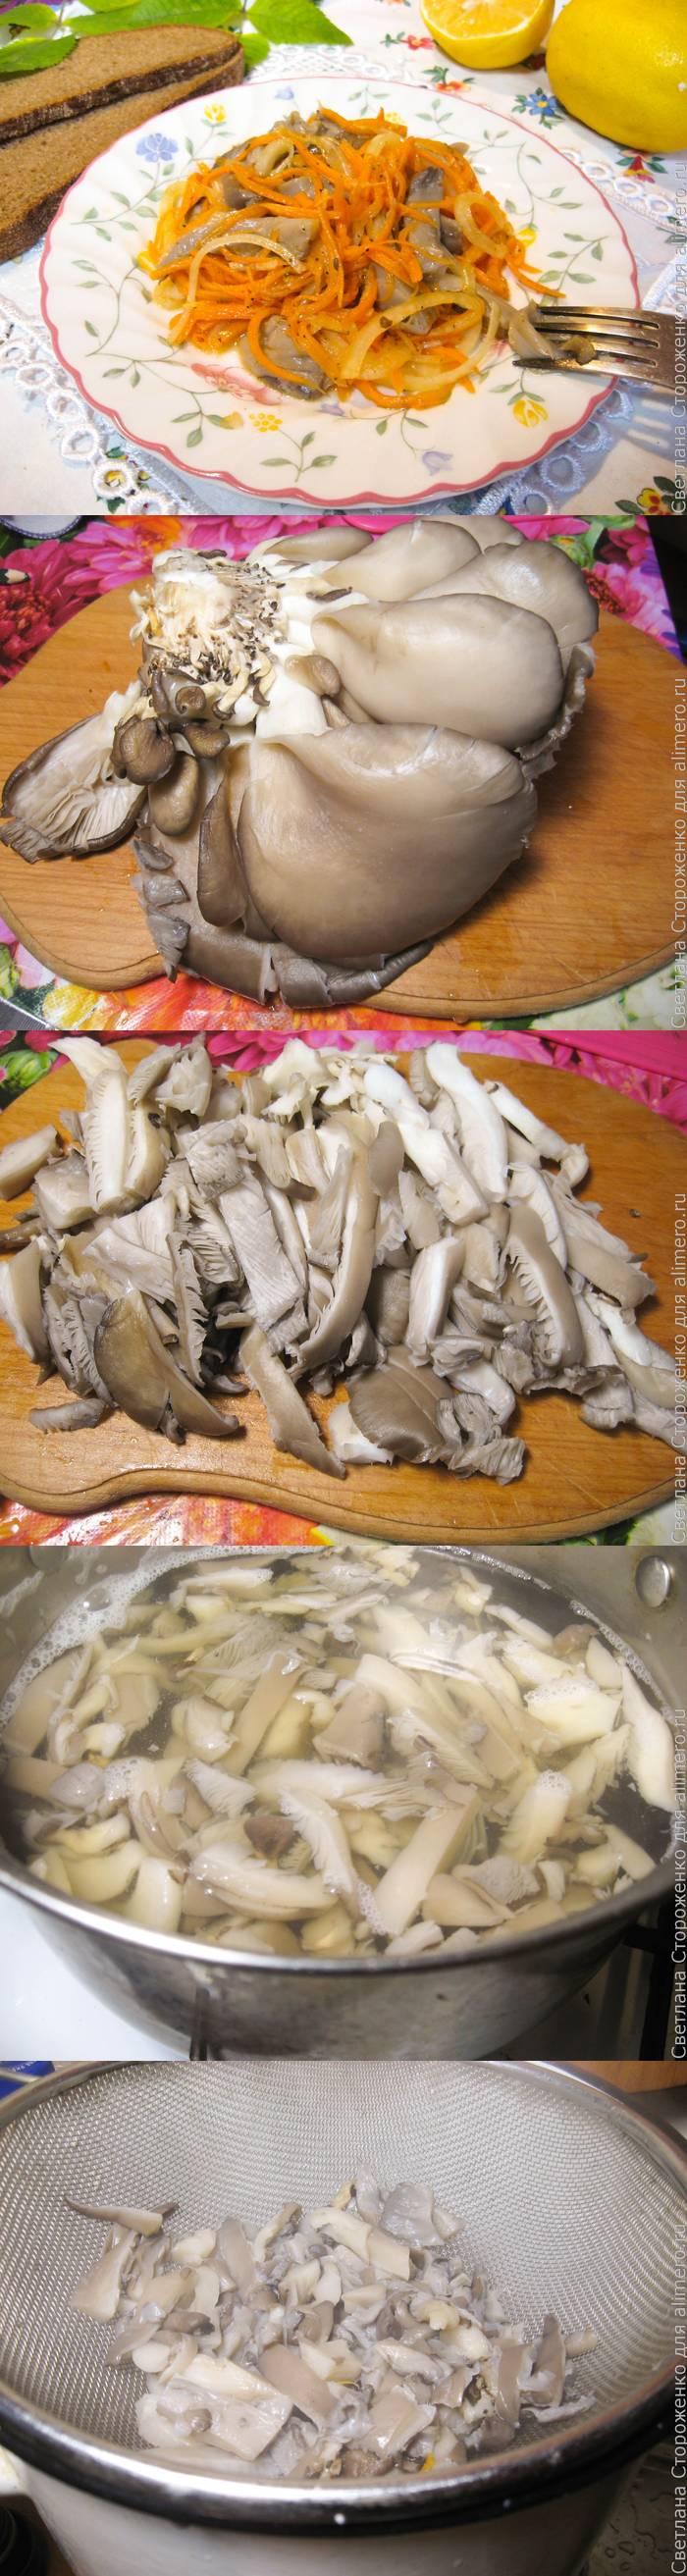 Маринованные шампиньоны быстрого приготовления пошаговый рецепт